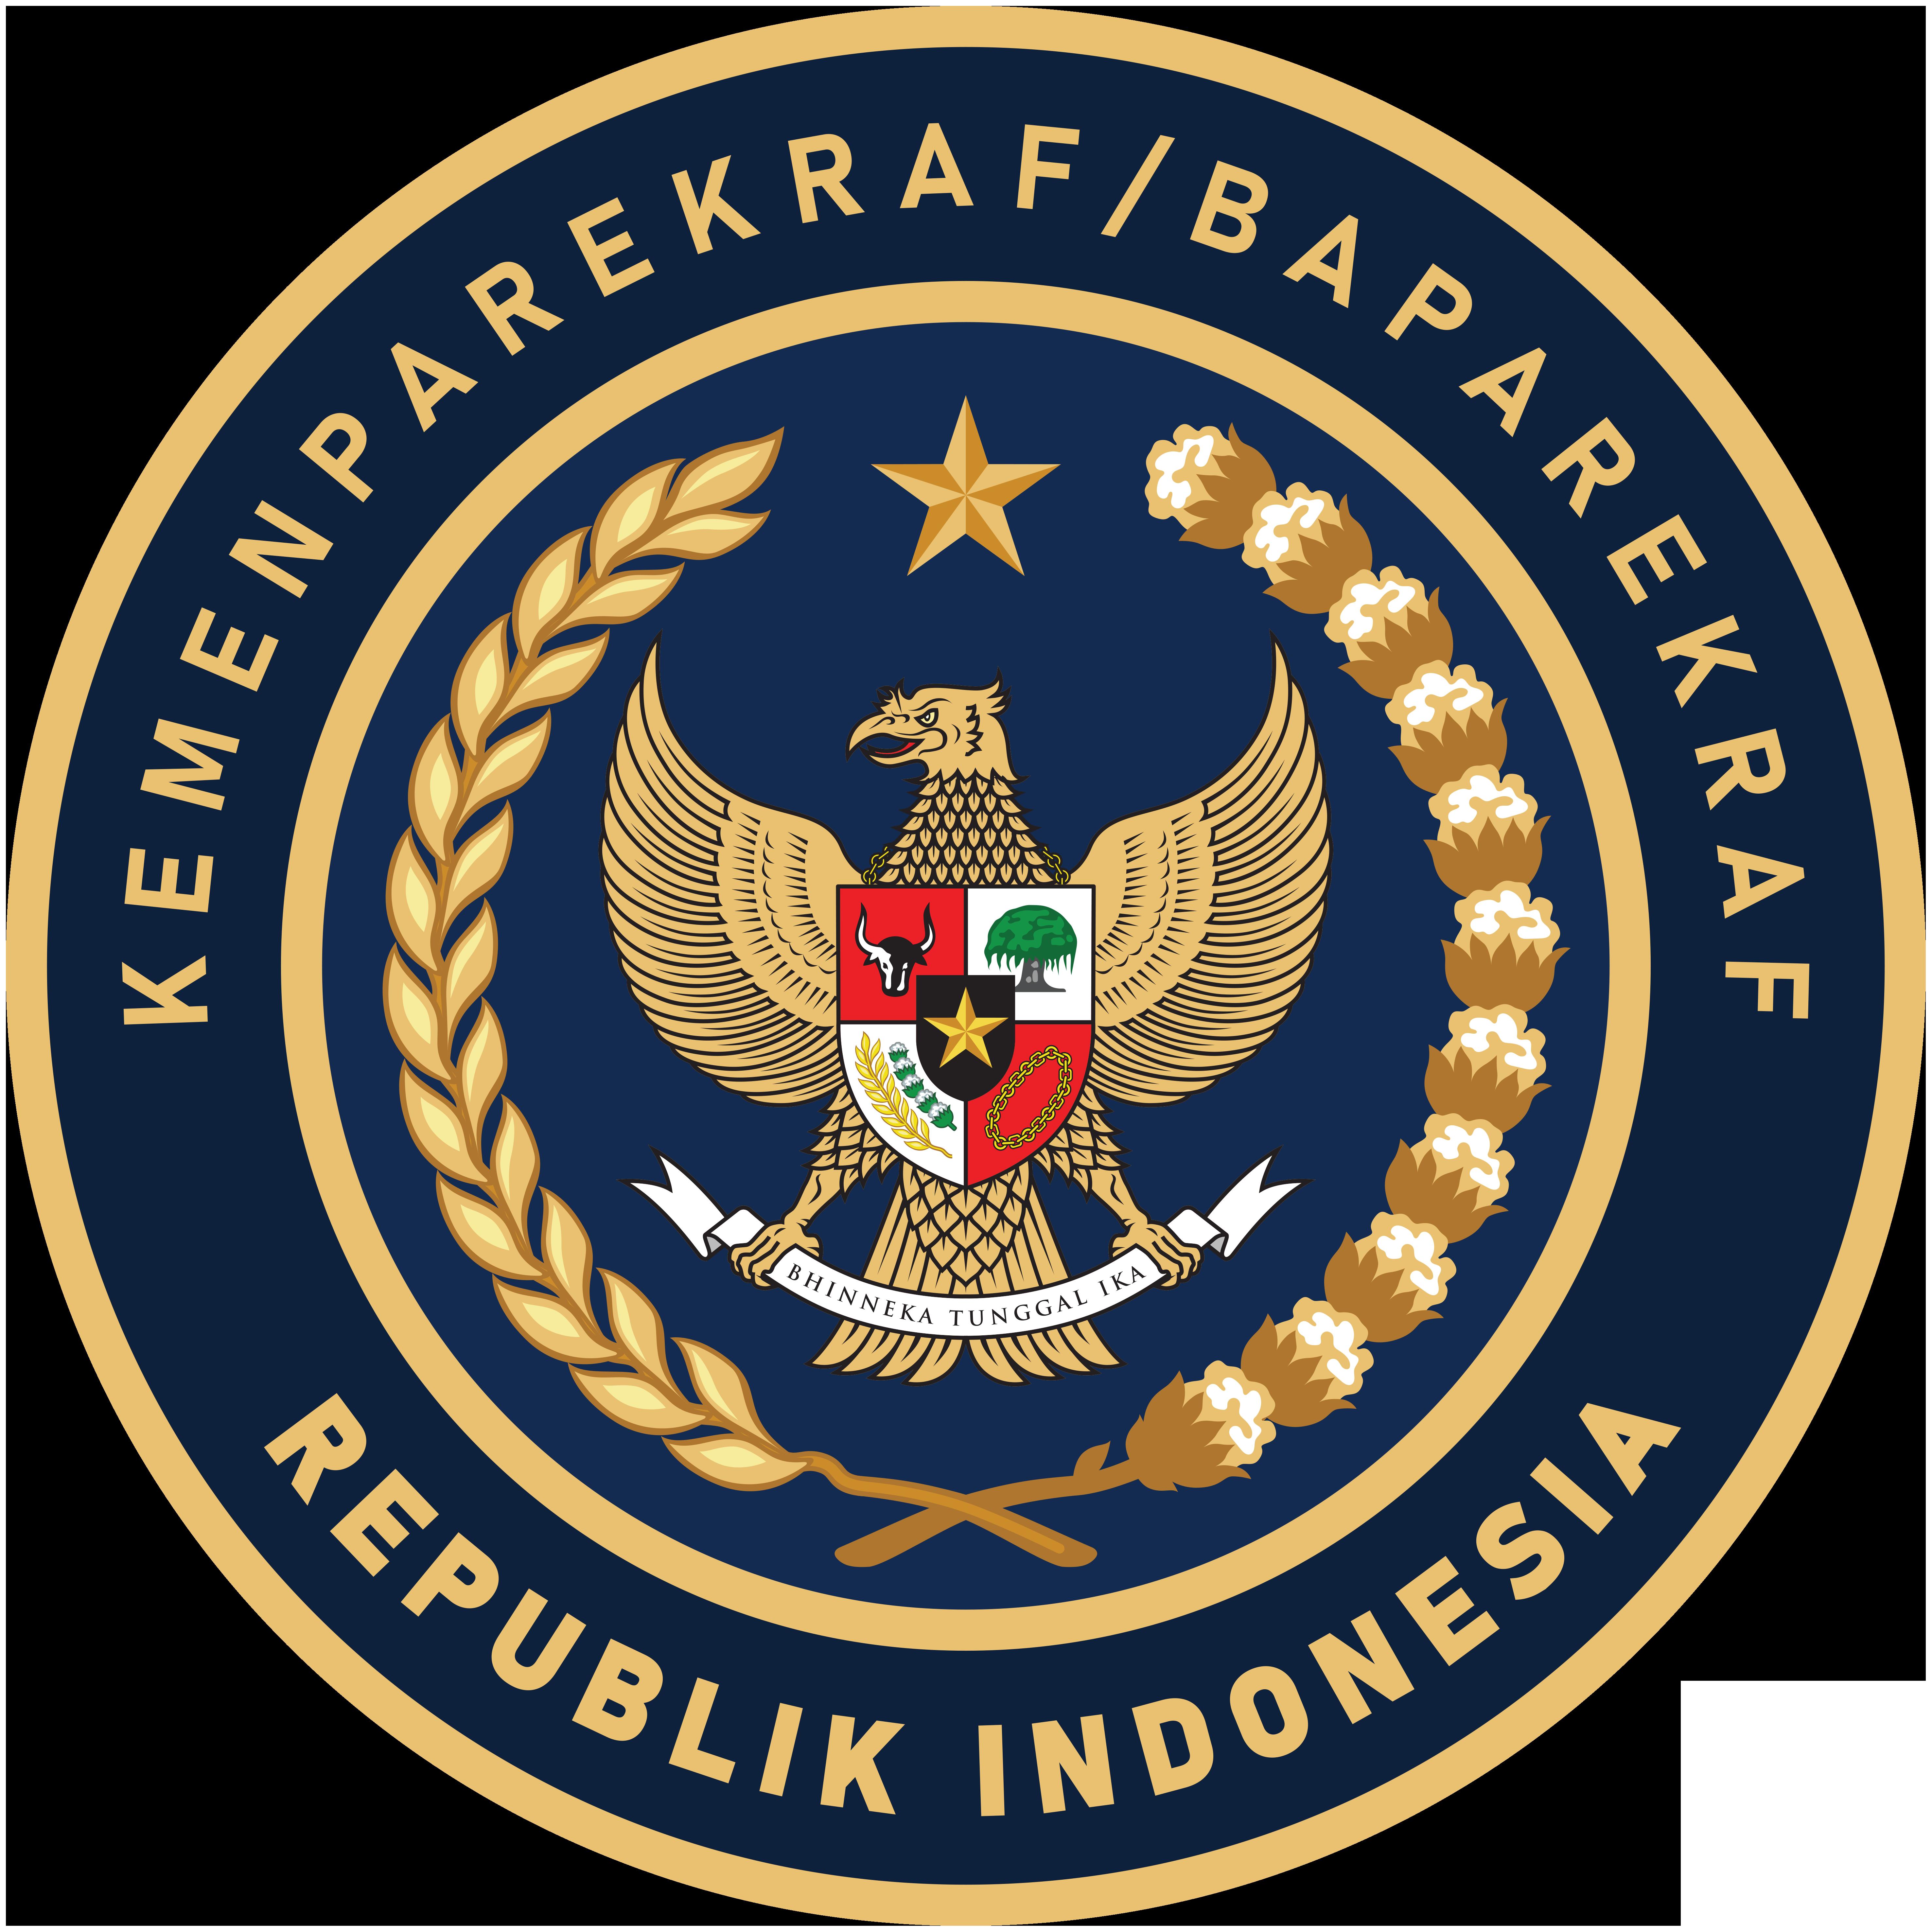 Kementerian Pariwisata dan Ekonomi Kreatif Indonesia - Wikipedia